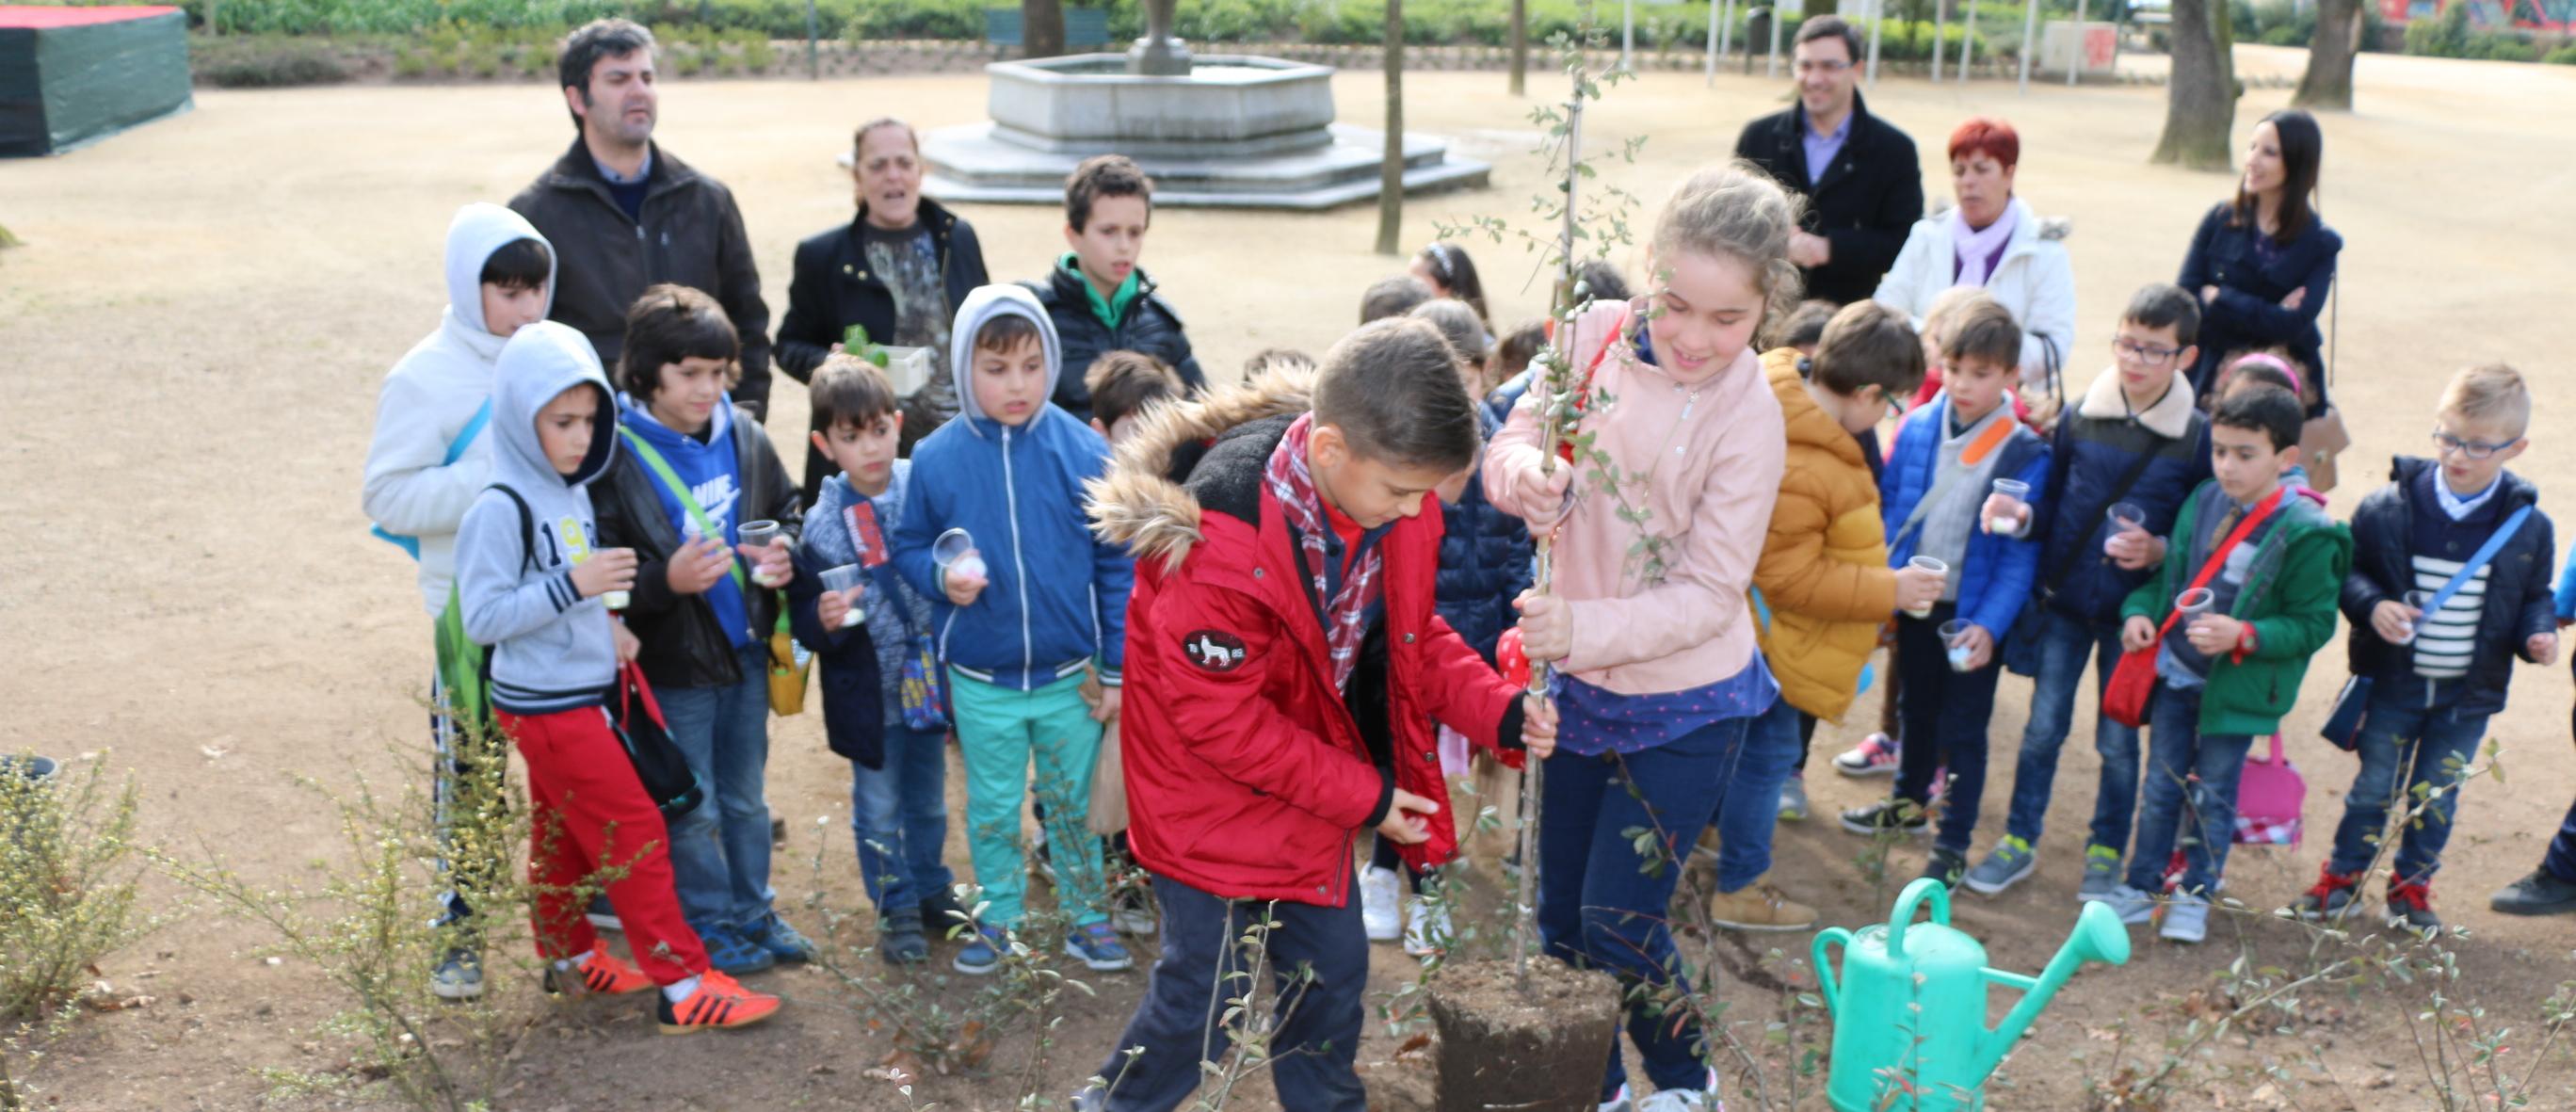 Câmara Municipal de Barcelos comemorou o Dia Internacional das Florestas